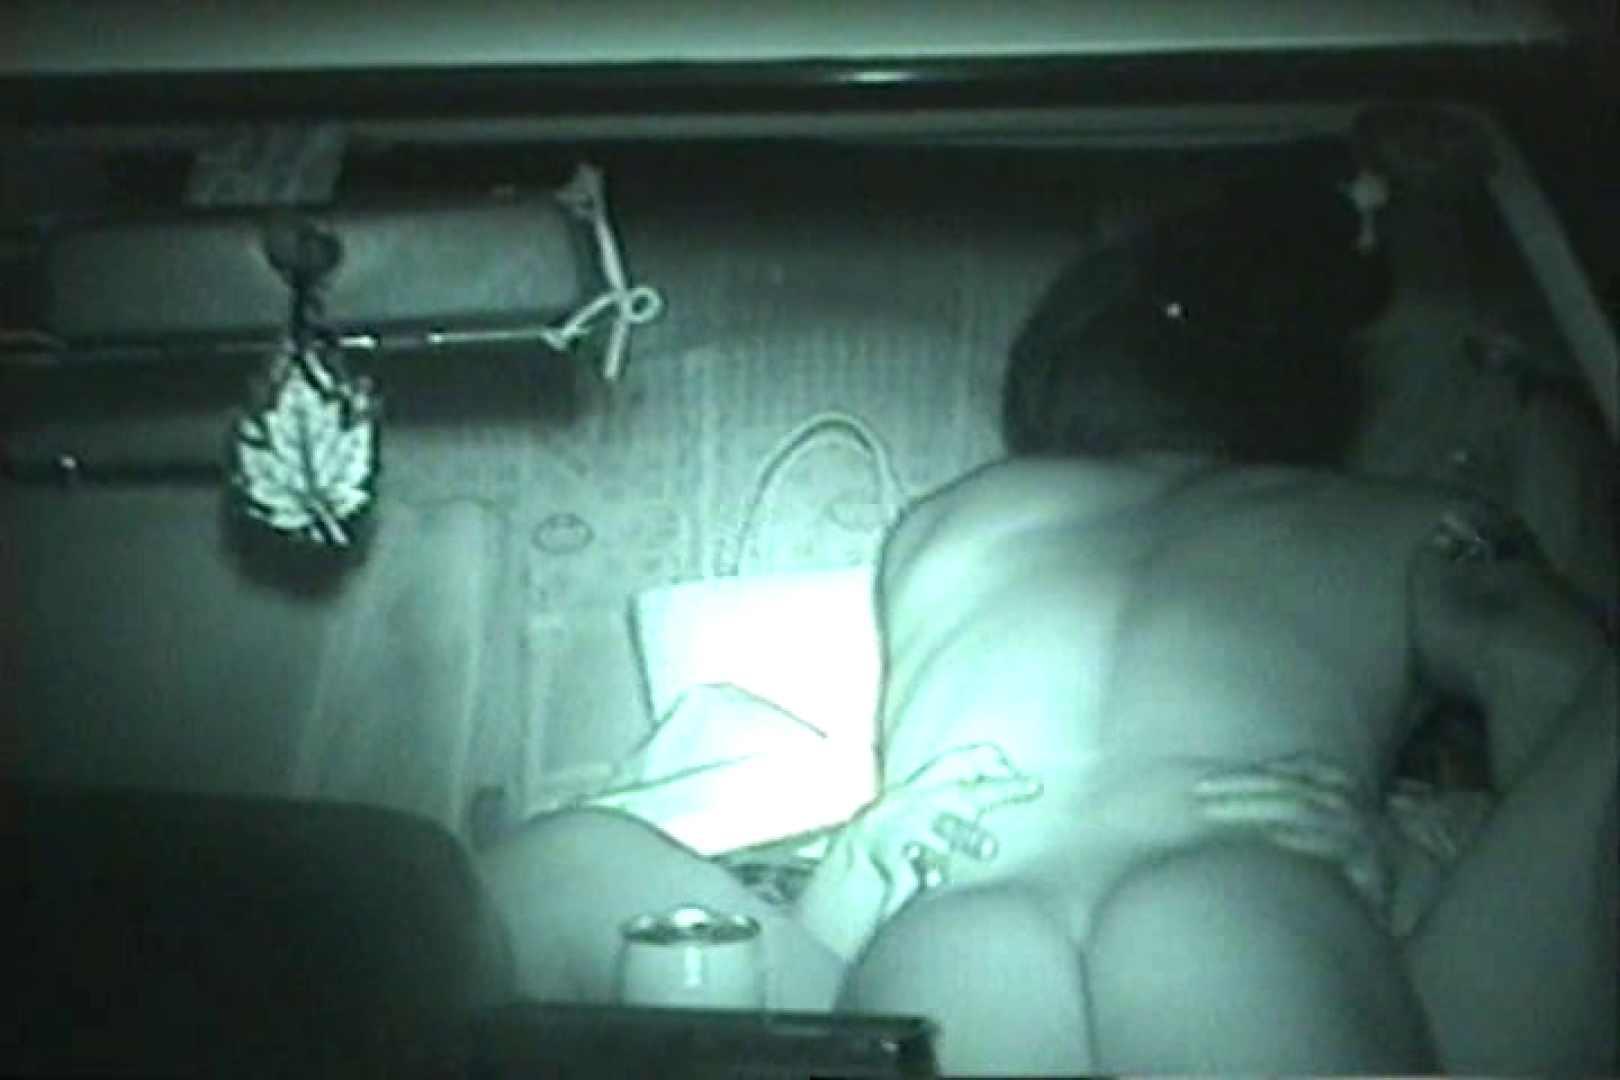 車の中はラブホテル 無修正版  Vol.23 セックス  64枚 9